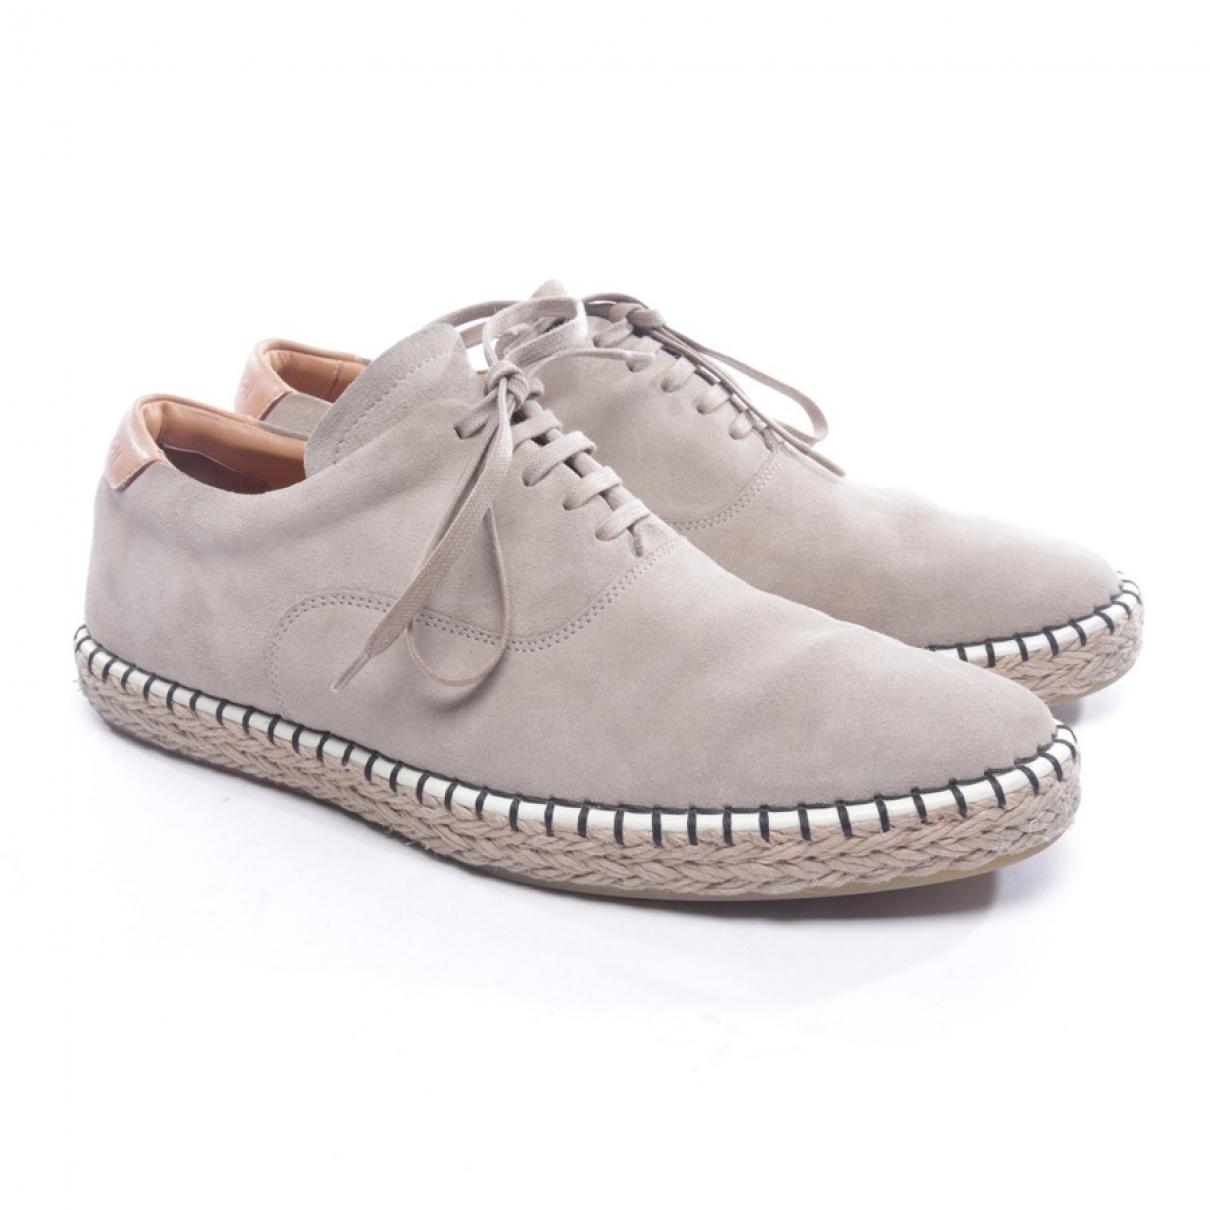 Louis Vuitton \N Sneakers in  Beige Veloursleder